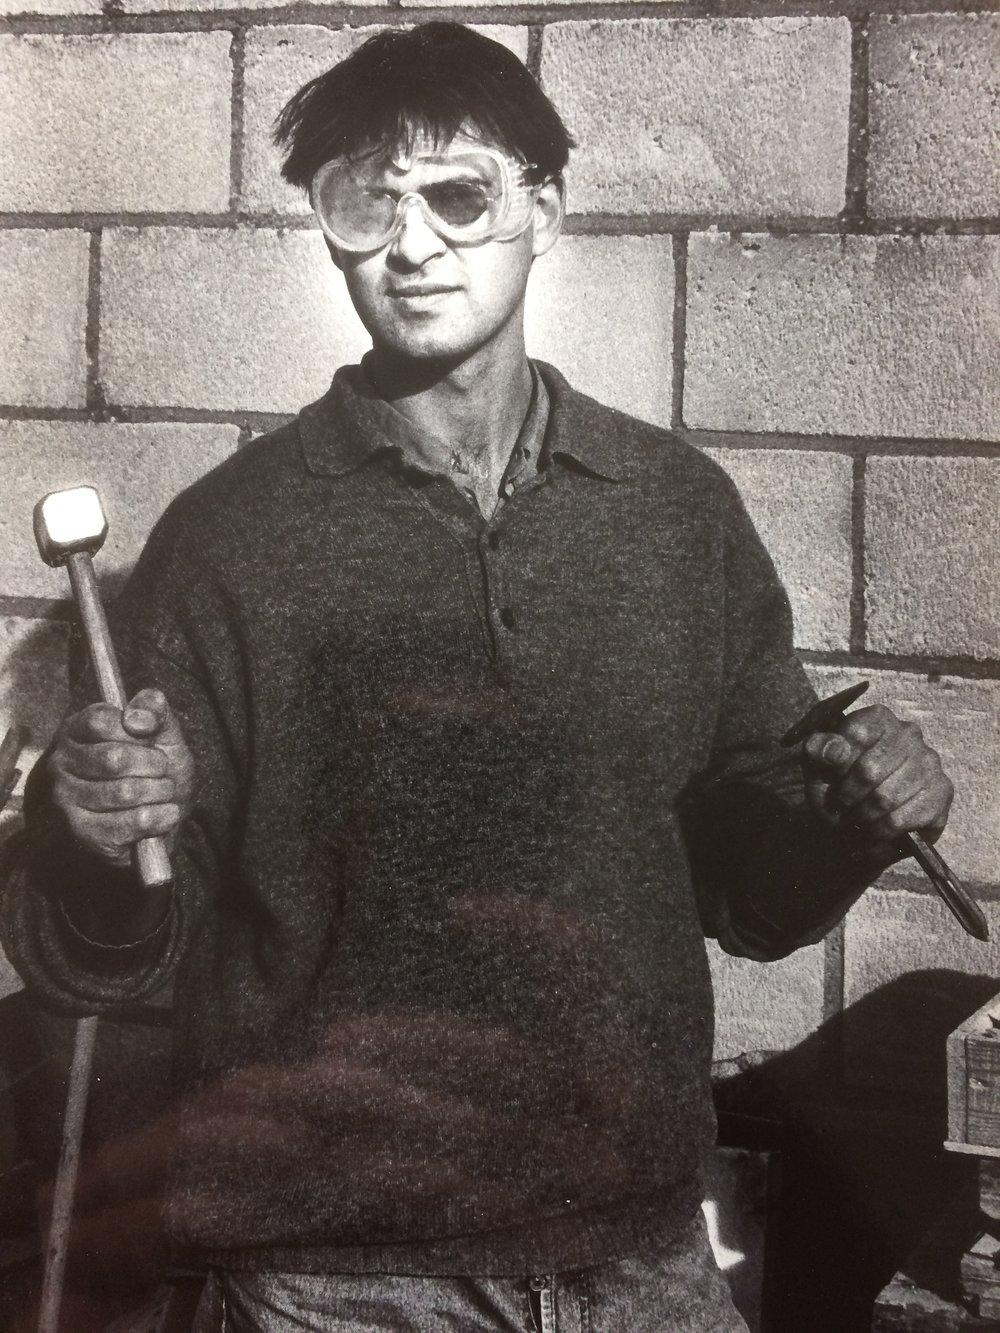 Roger Ravelli Amsterdam 1994